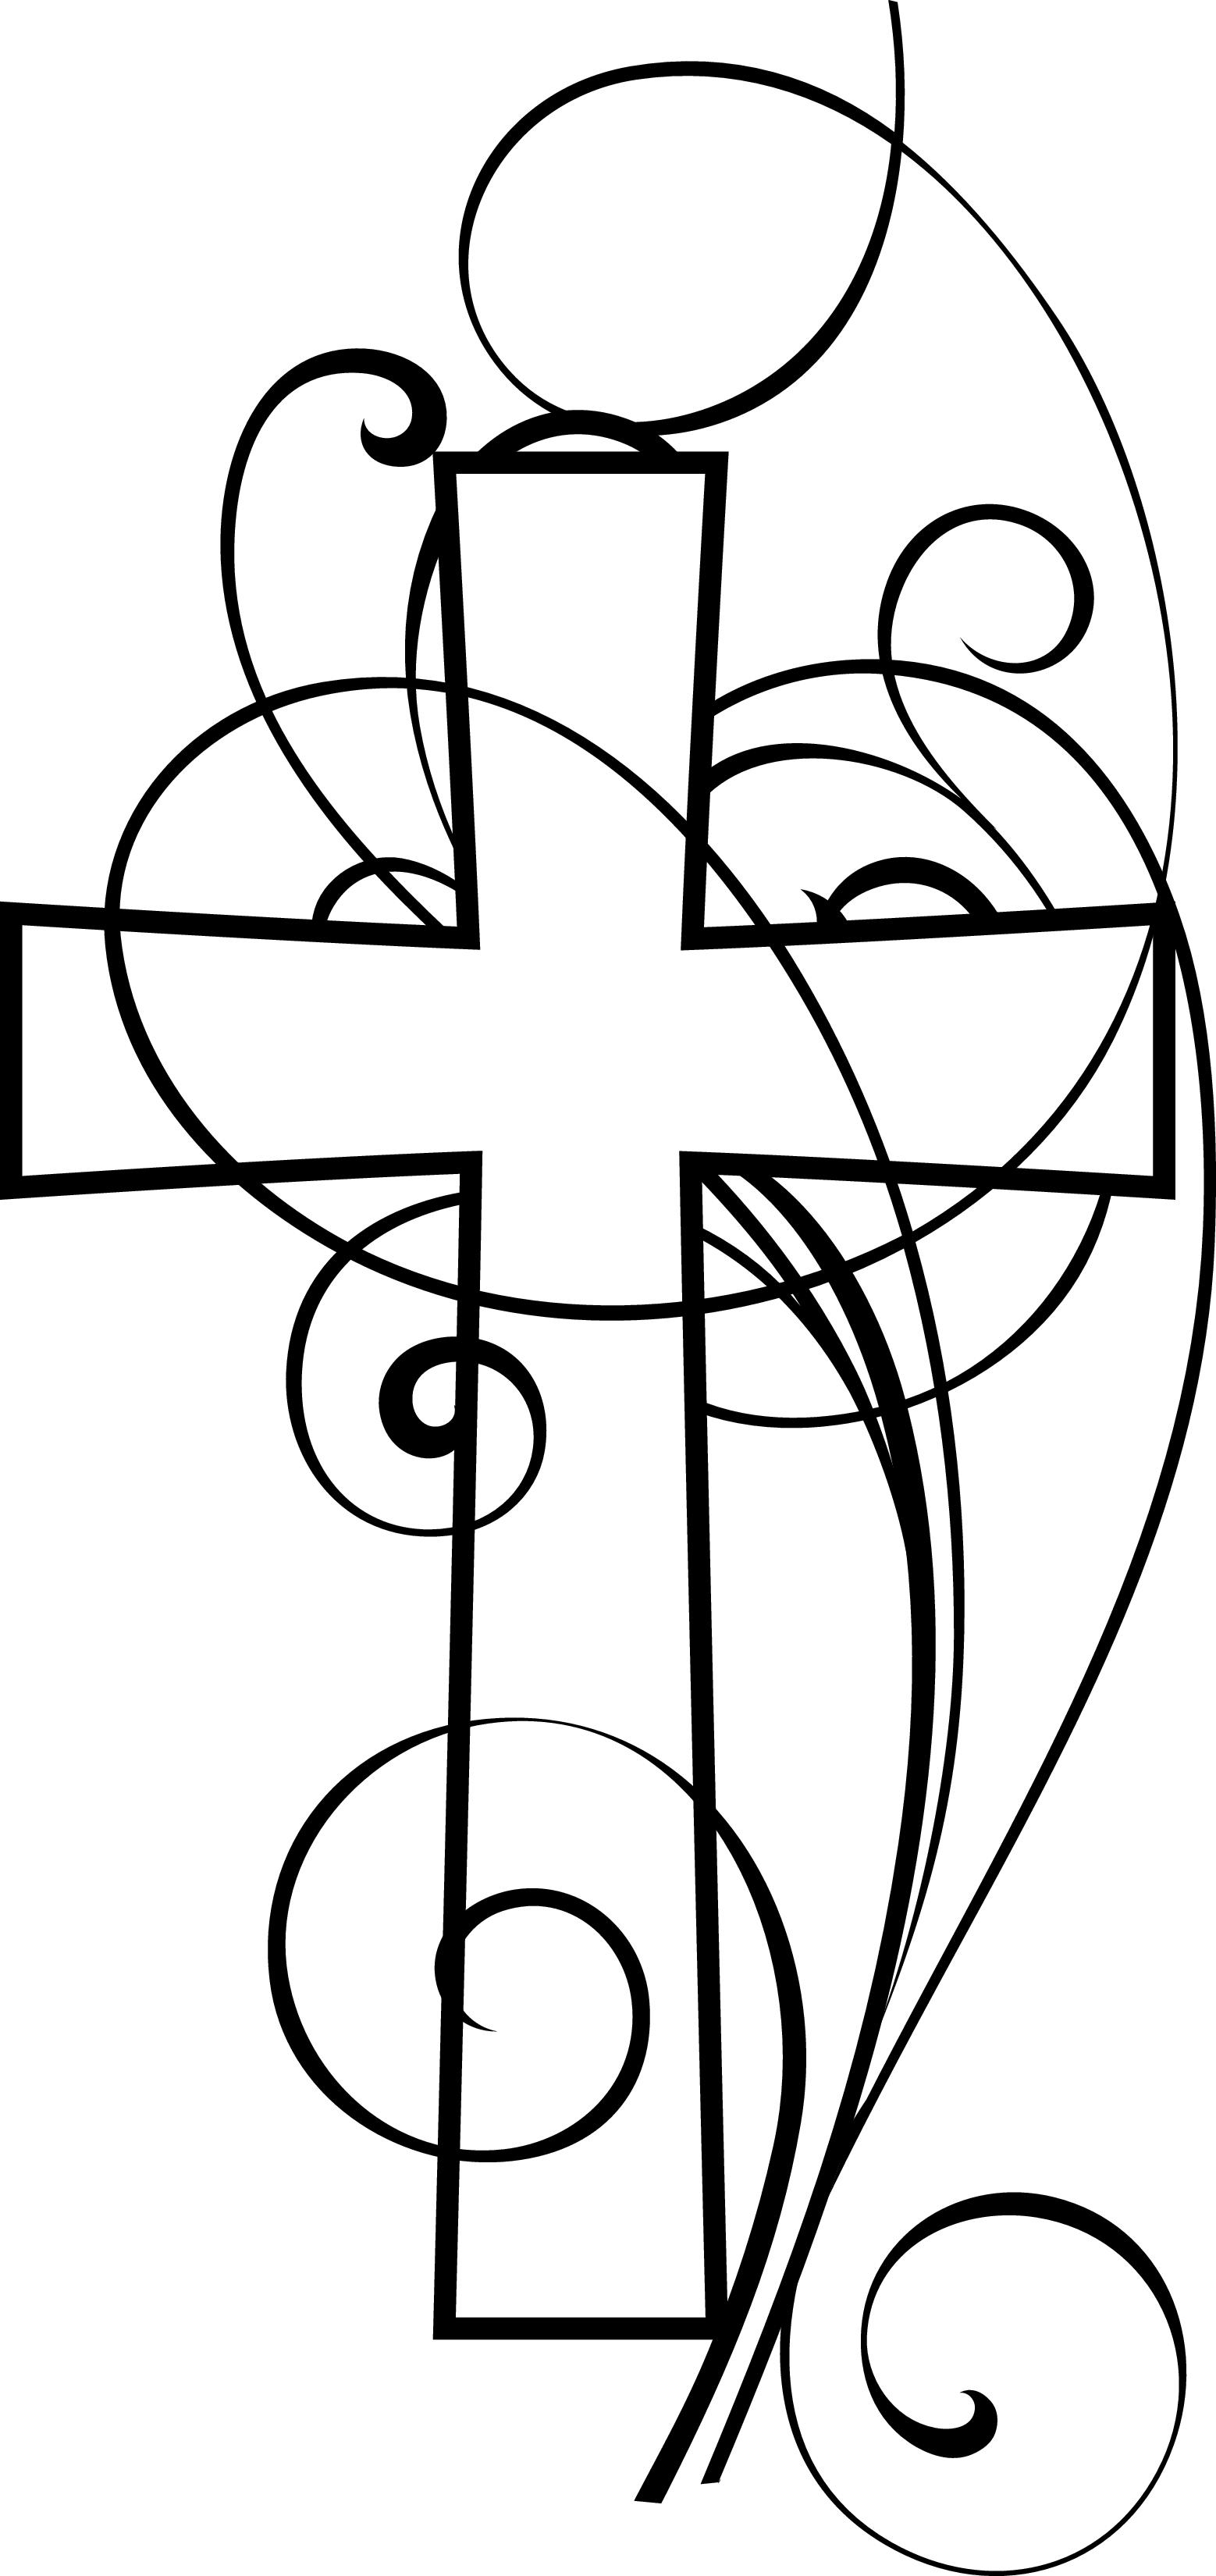 Decorated Crosses Clip Art